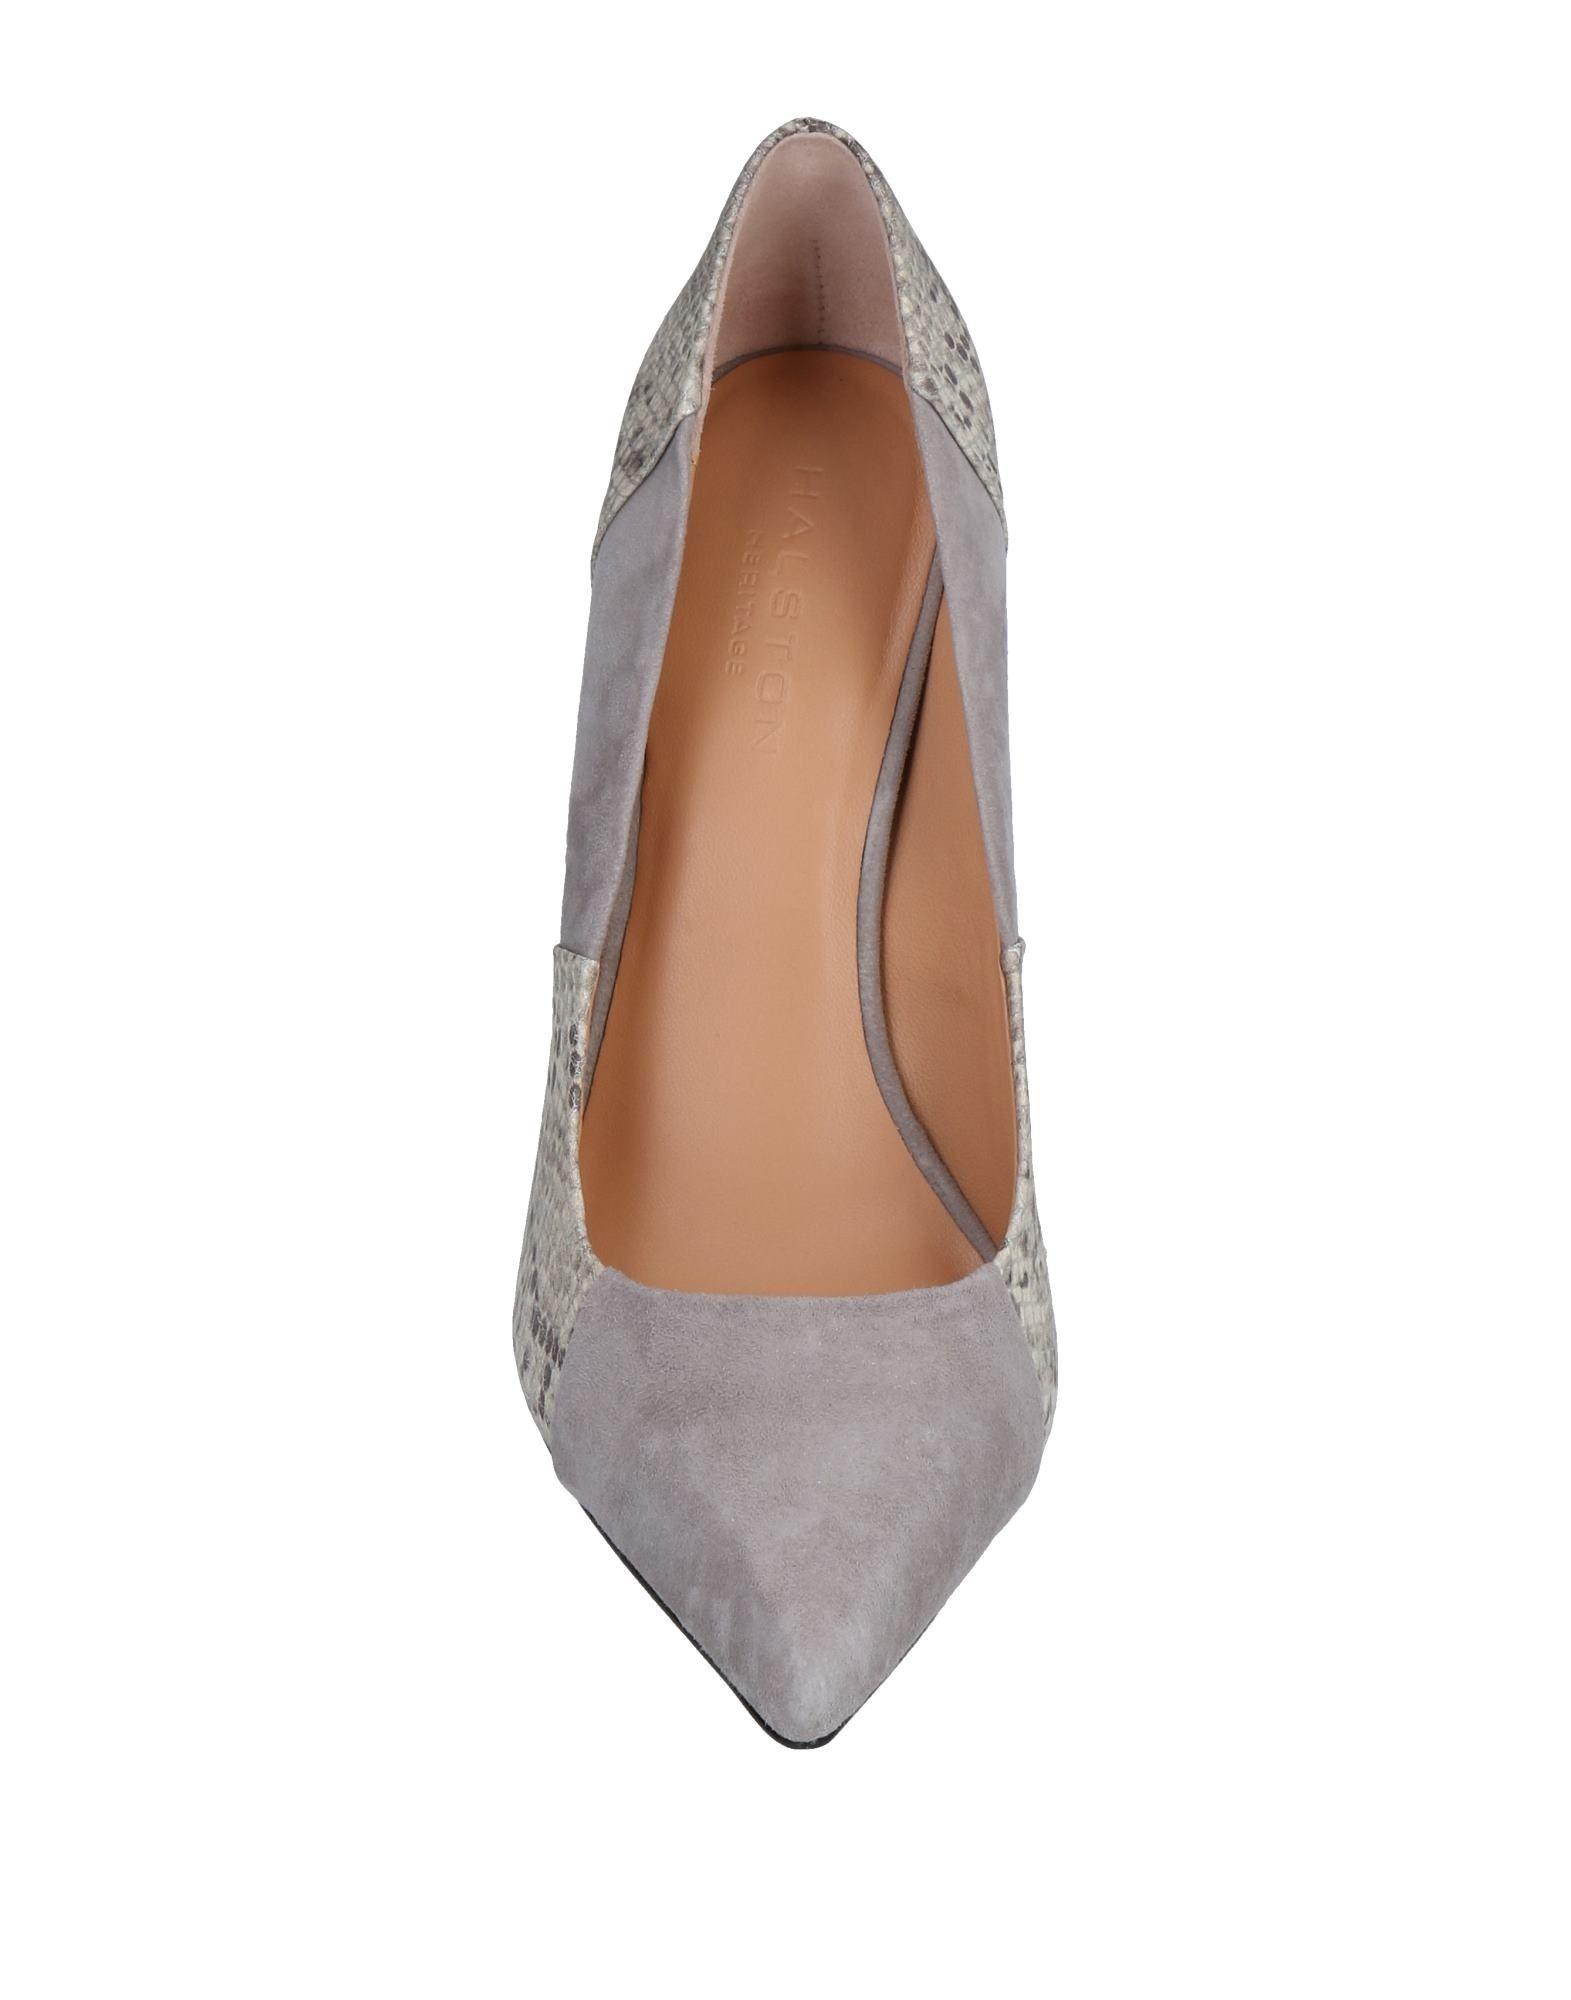 Stilvolle billige Schuhe  Halston Heritage Pumps Damen  Schuhe 11477212TJ 76348a